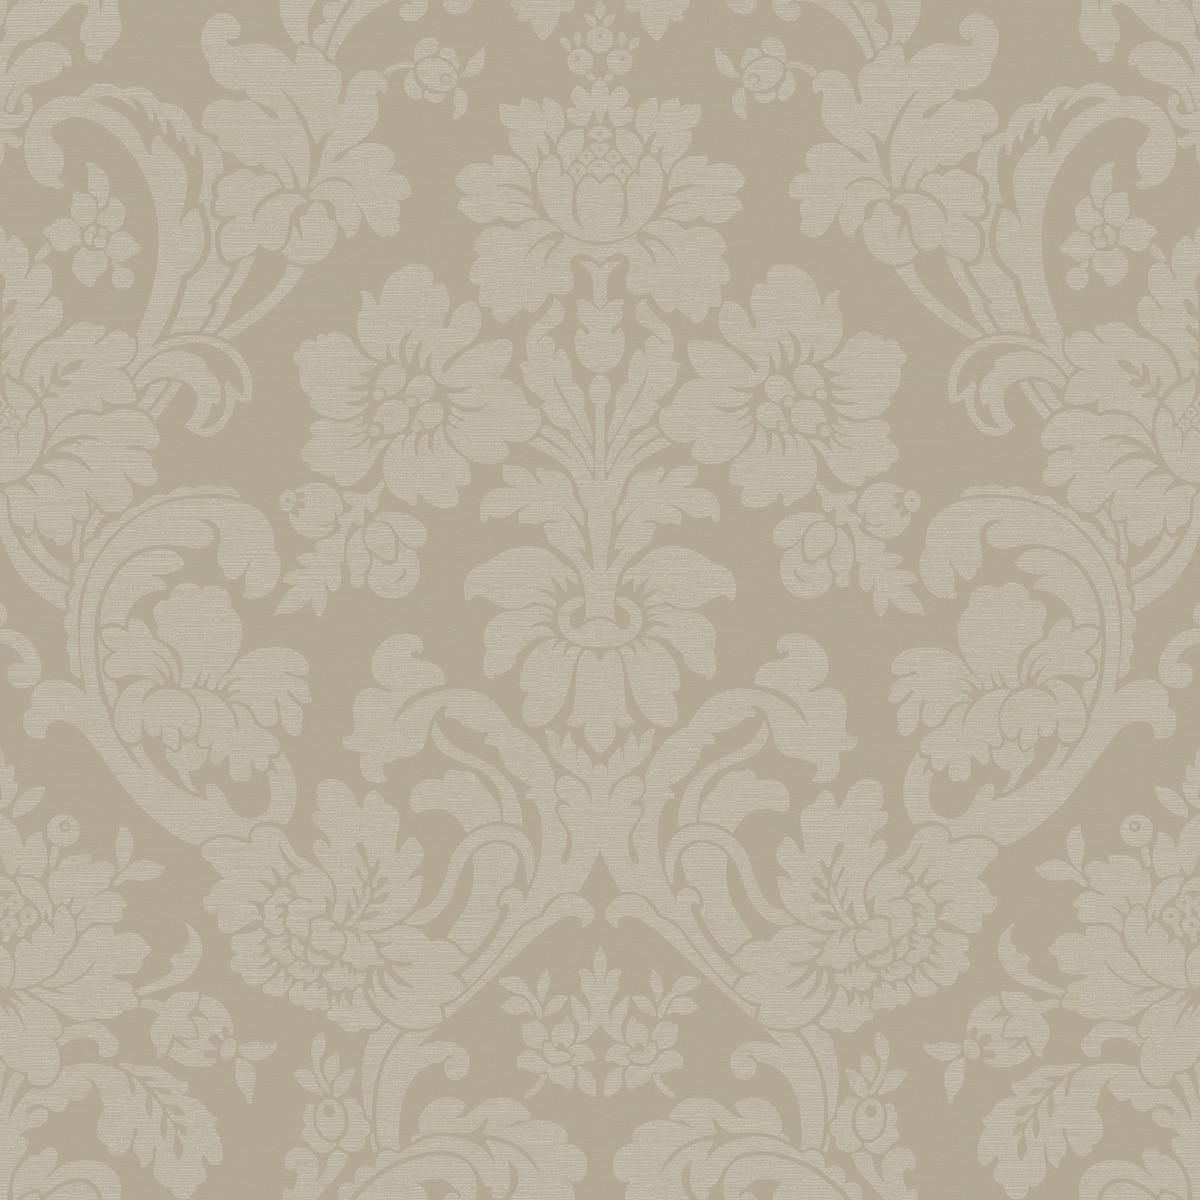 savile-row-wallpaper-VERMILLION-SR00535